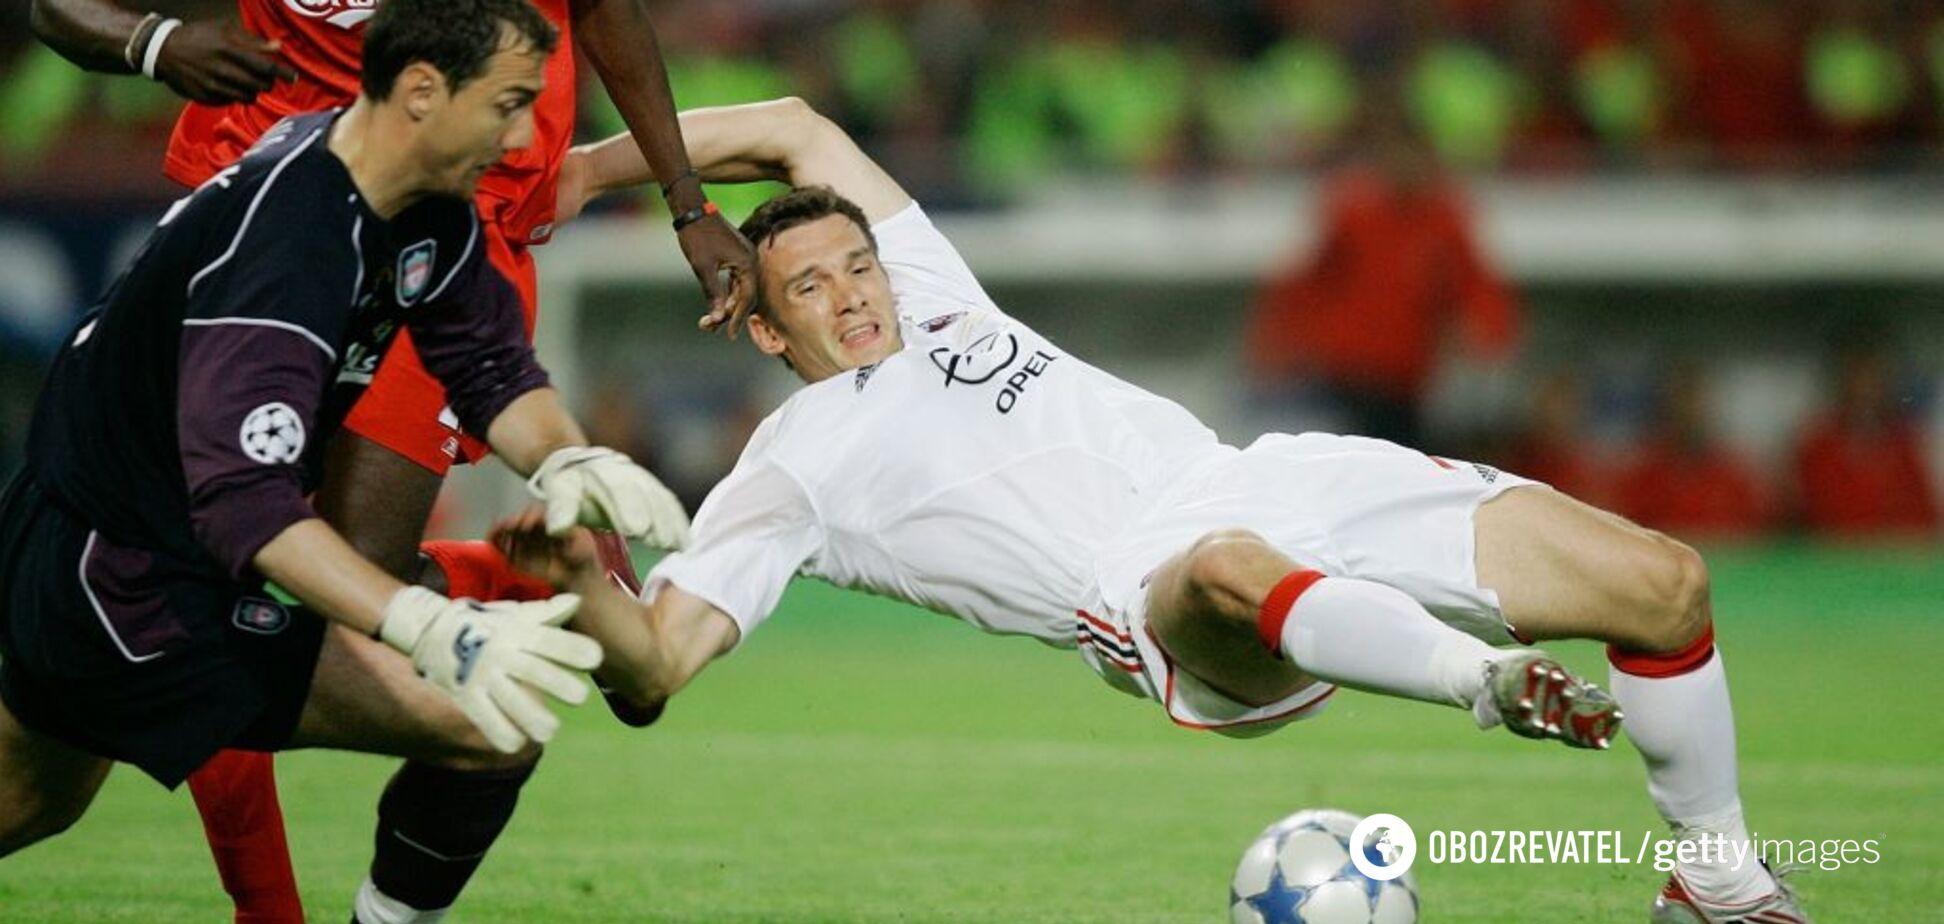 'Милан' - 'Ливерпуль' финал Лиги чемпионов-2005